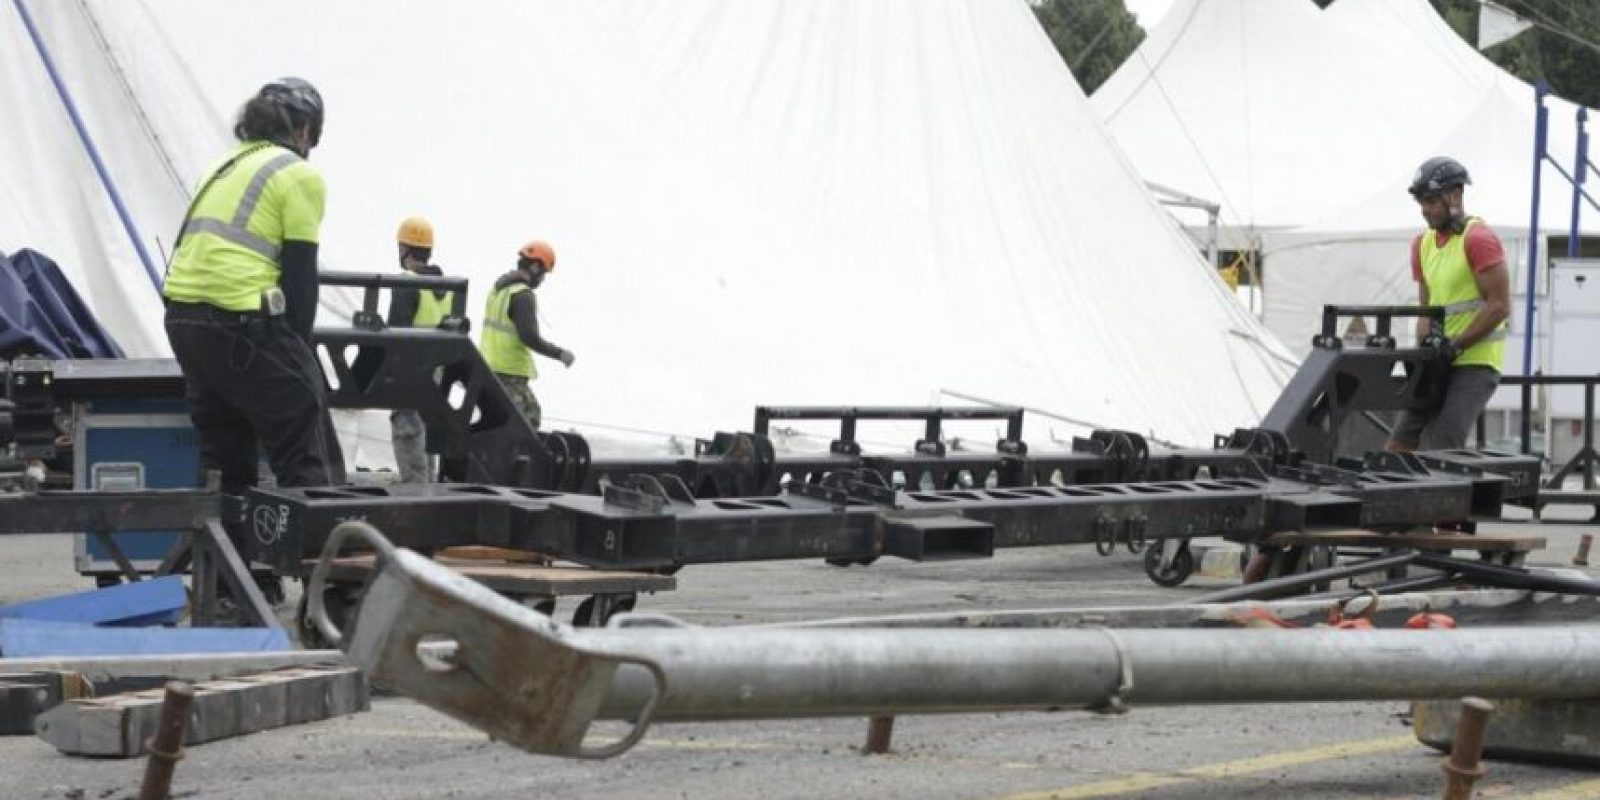 Los equipos de montaje y puesta en escena de Corteo son transportados en 90 contenedores. Foto:Juan Pablo Pino / Publimetro